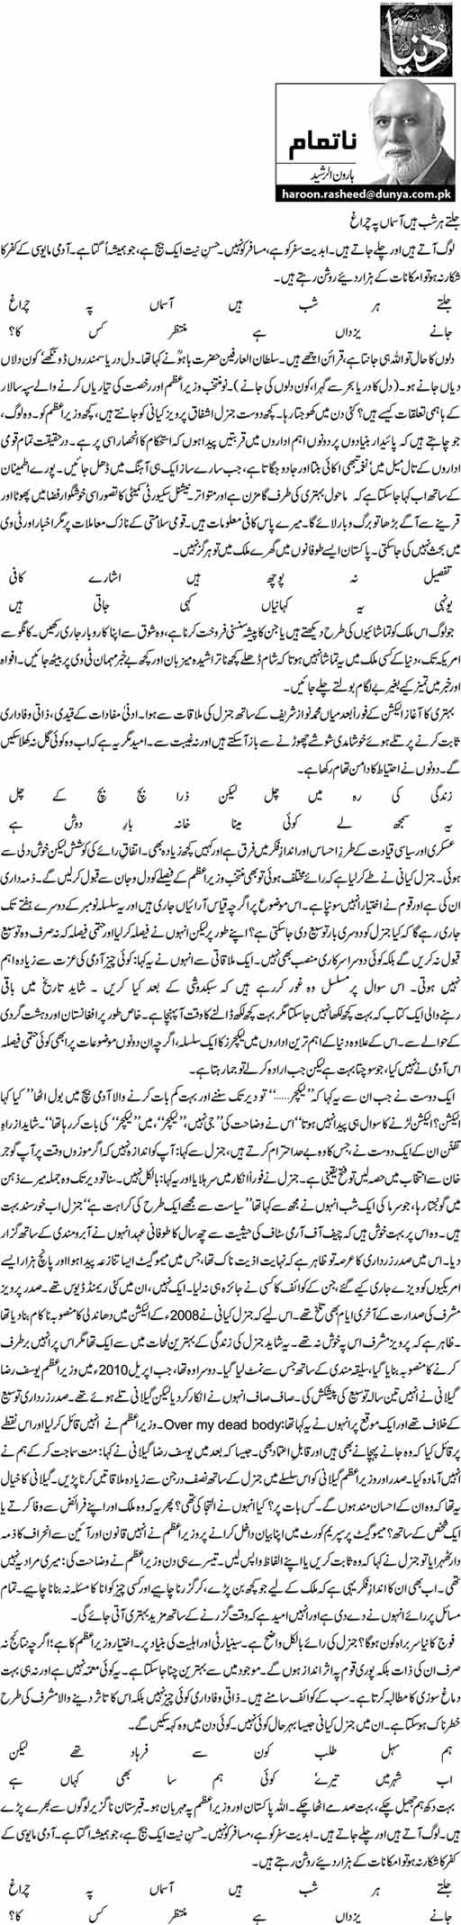 Jalty Hr Shab Hain Asman Pr Chiragh - Haroon ur Rasheed